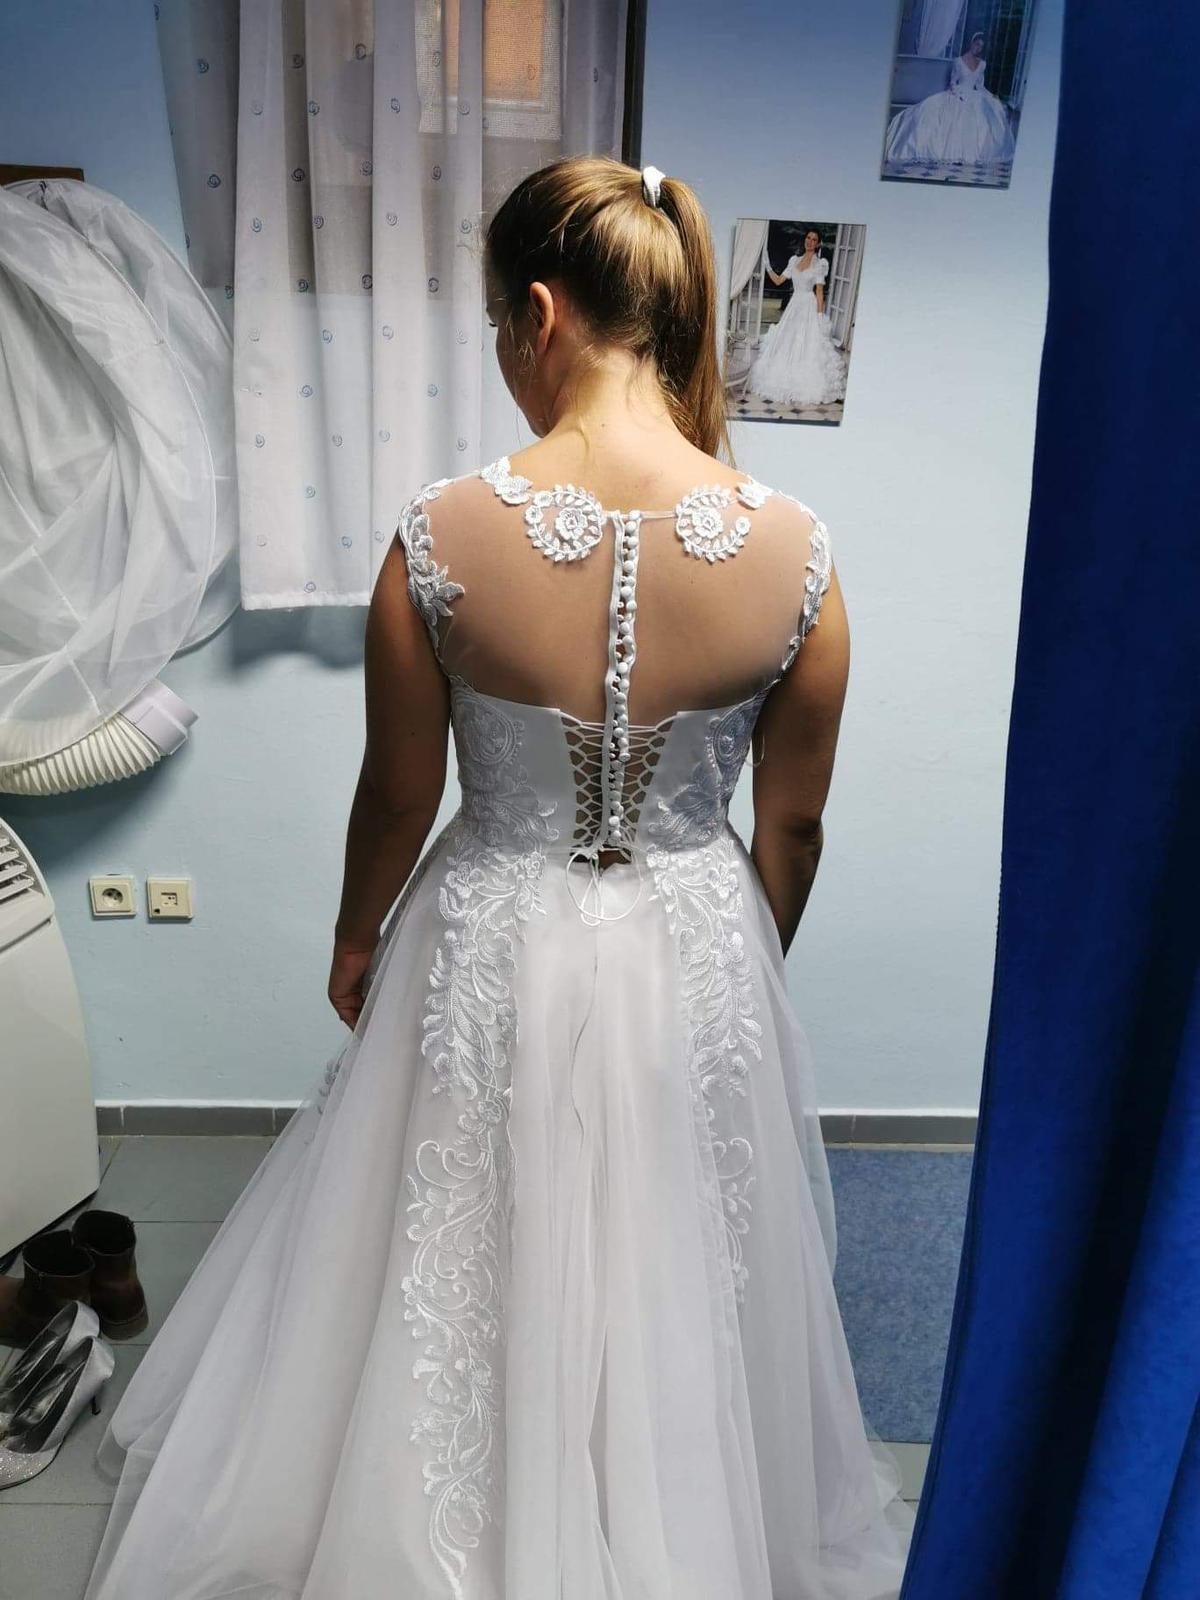 Úplne nové svadobné šaty veľ. 38-42 - Obrázok č. 2